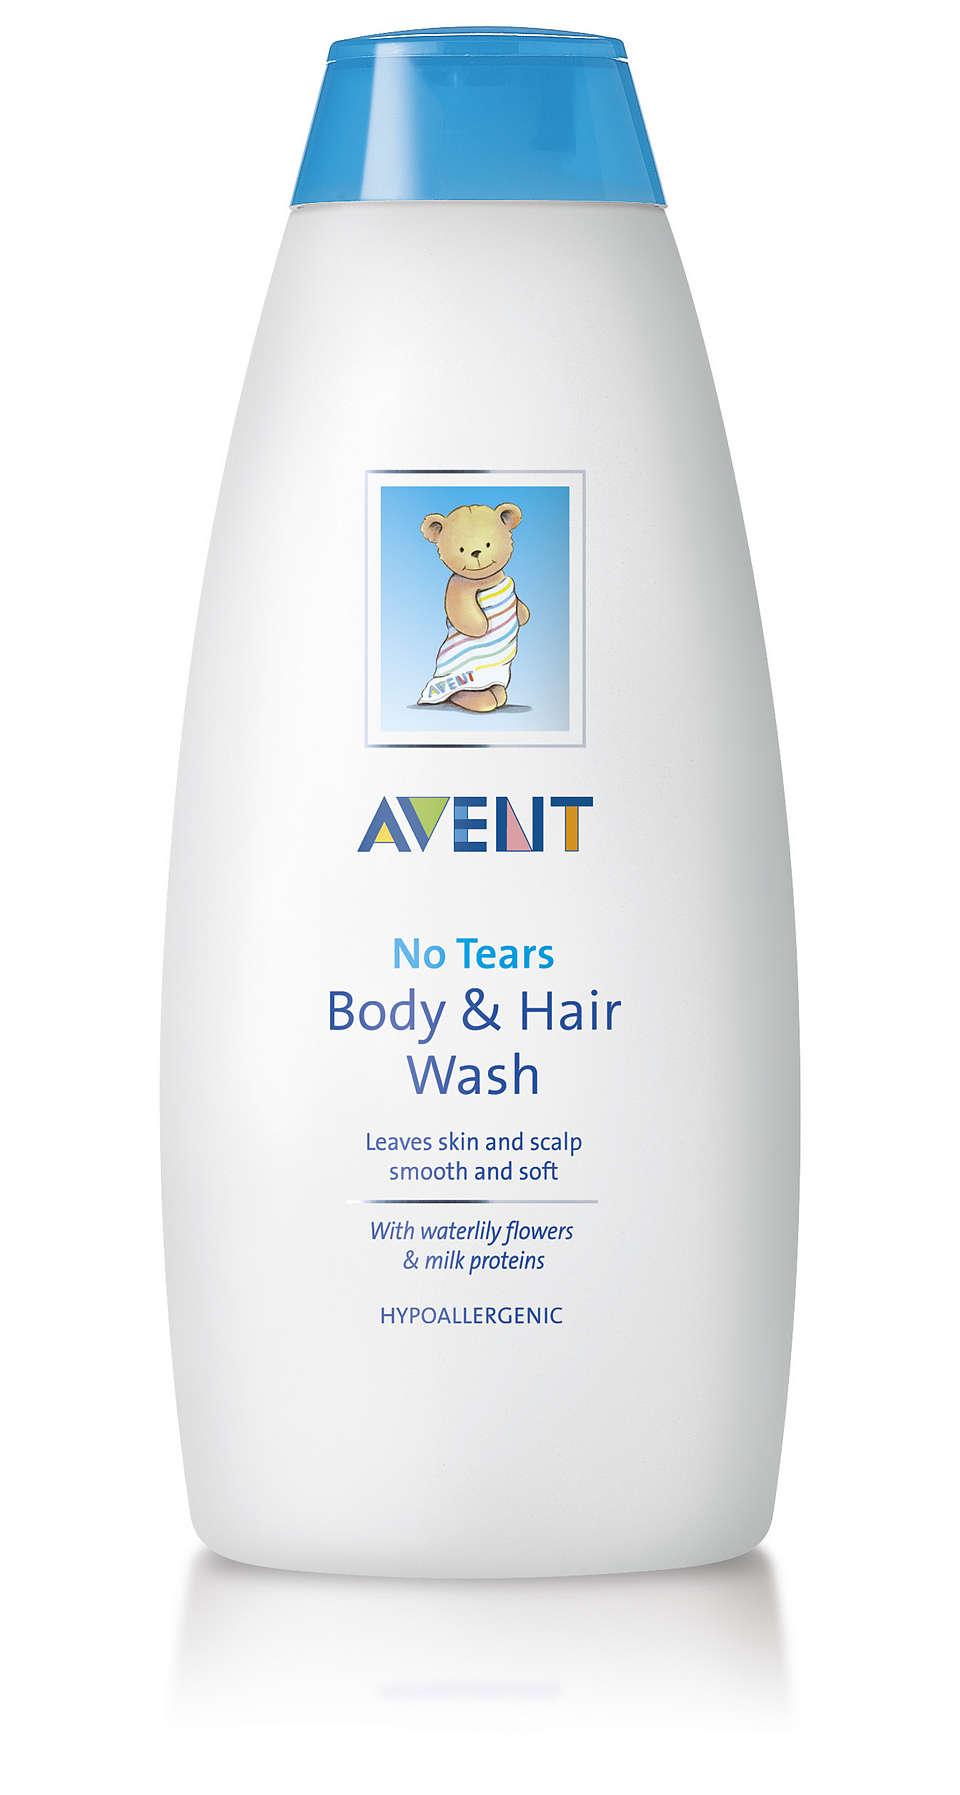 Deja la piel y el cuero cabelludo más suaves y tersos